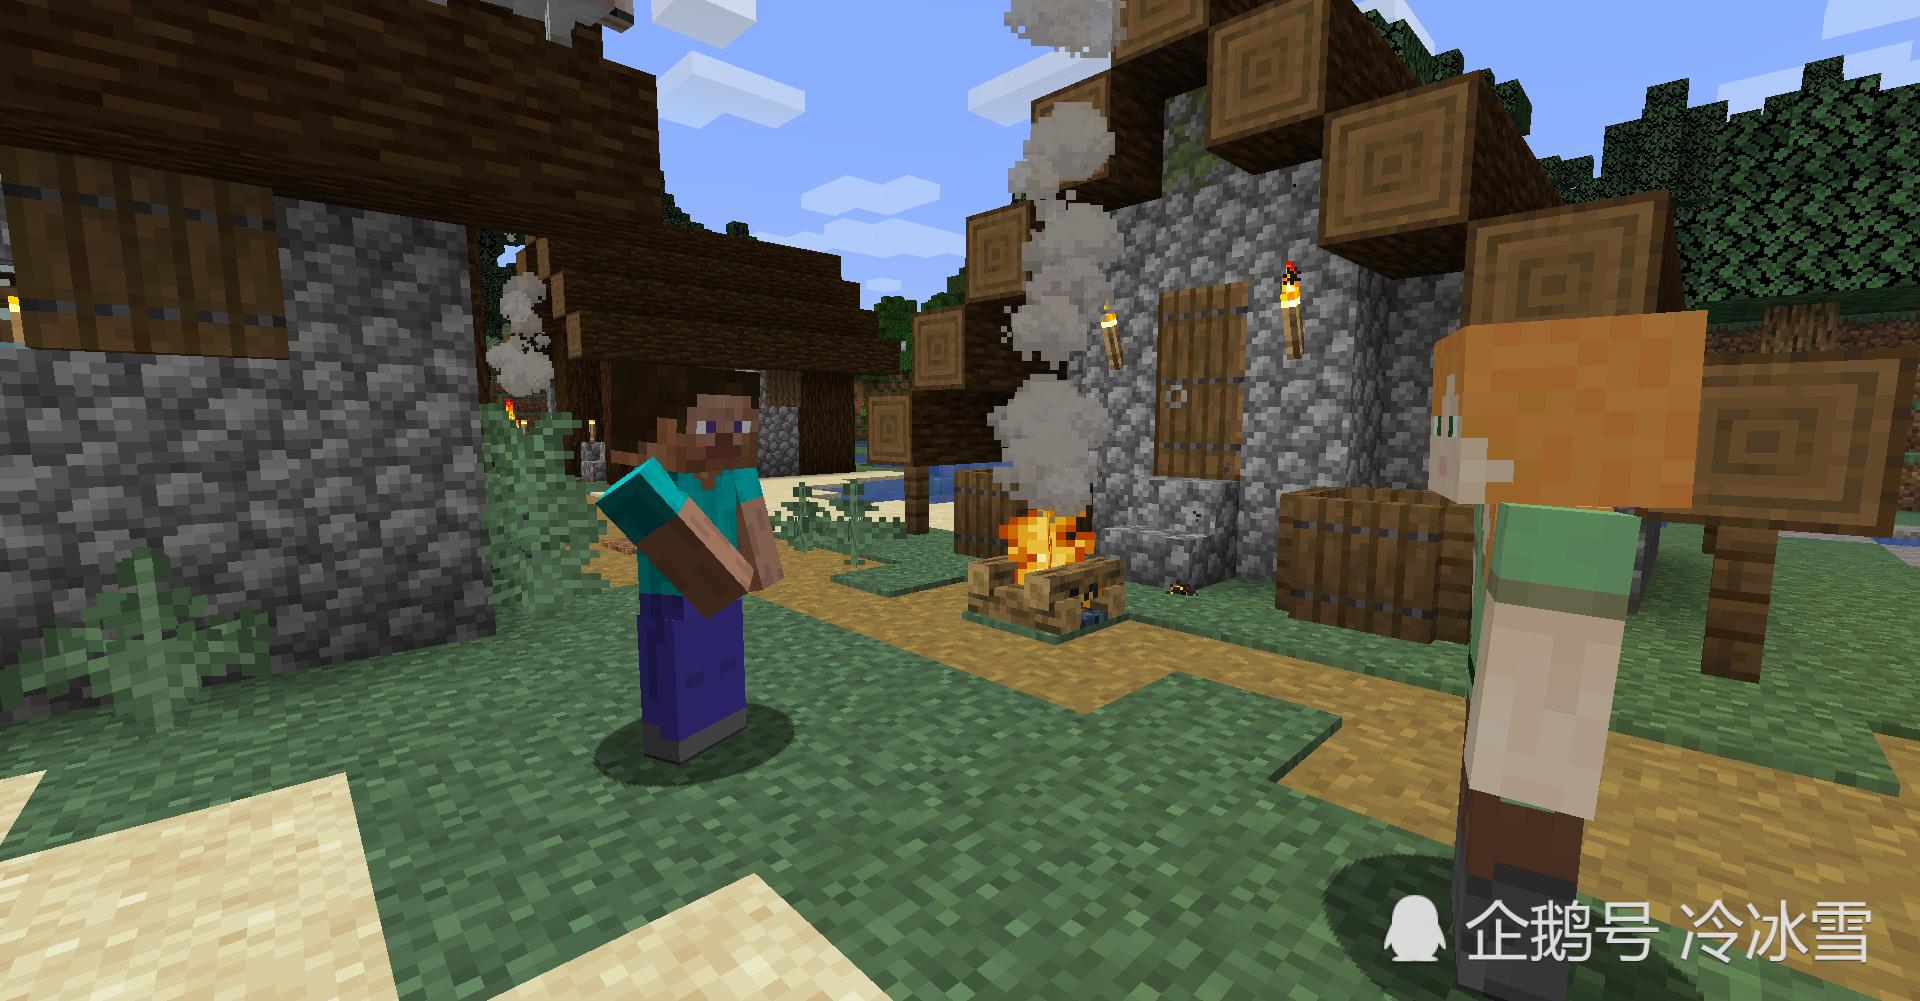 """我的世界:第一次建造房子的好地方,这才是""""风水宝地"""""""